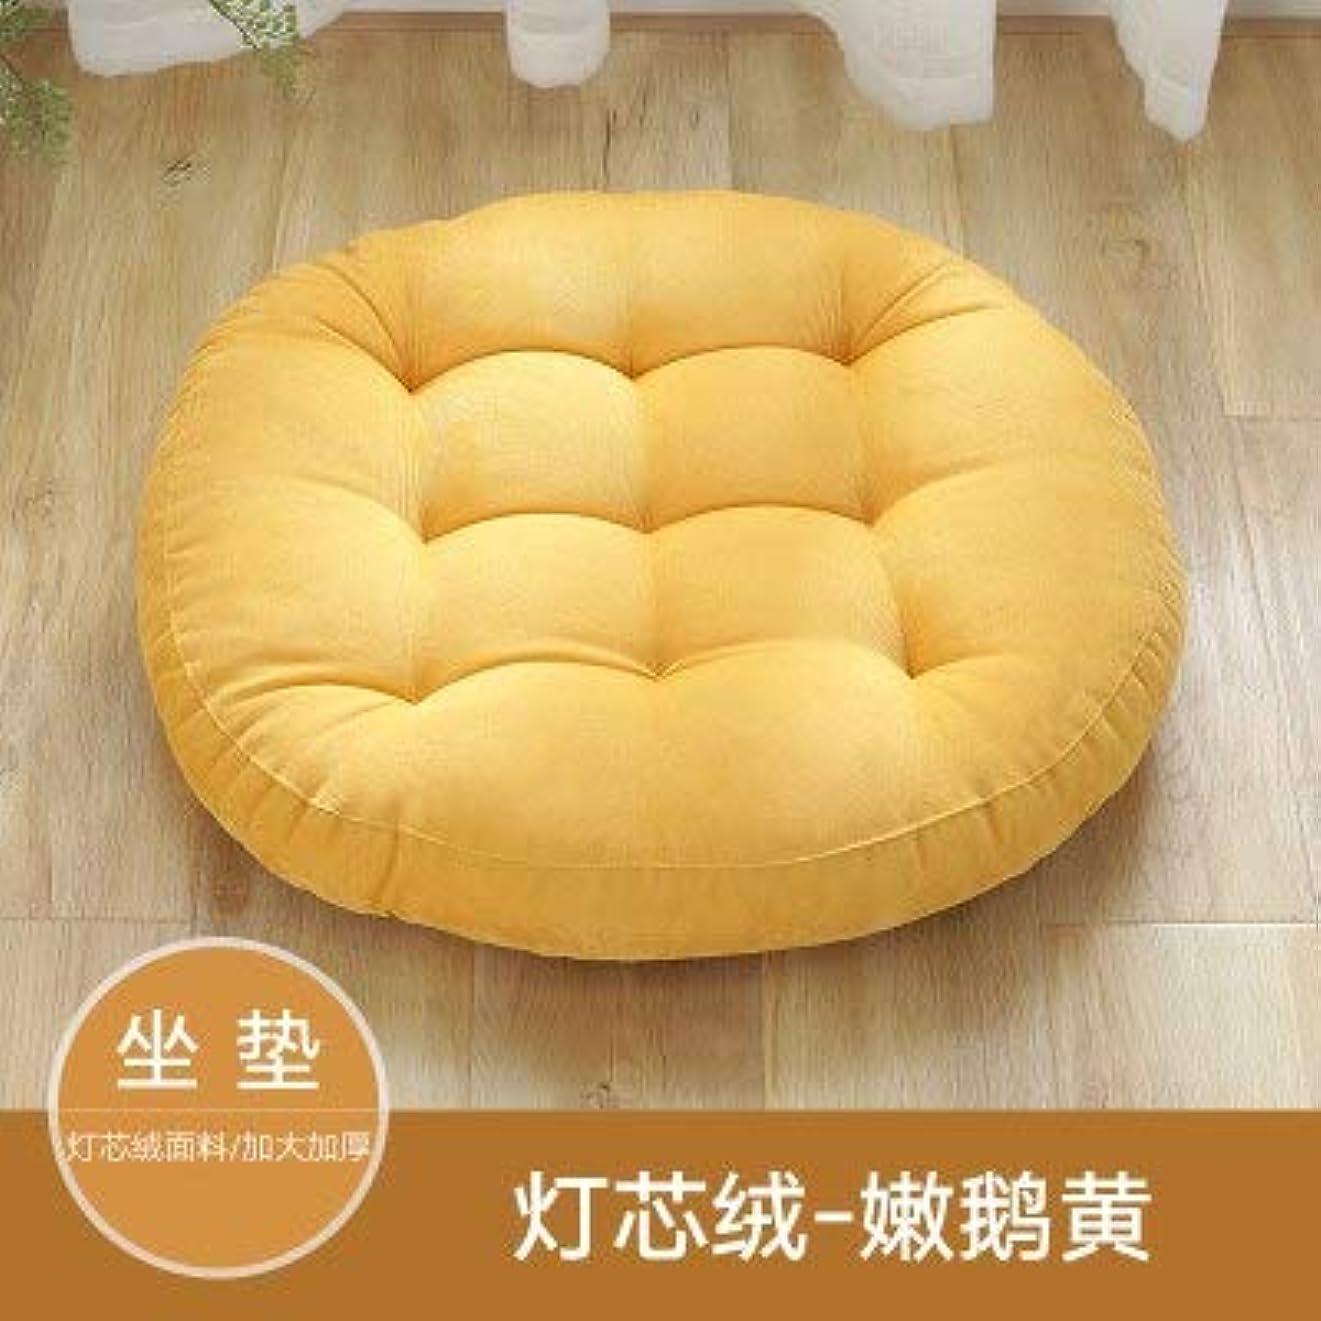 座る検証一口LIFE ラウンド厚い椅子のクッションフロアマットレスシートパッドソフトホームオフィスチェアクッションマットソフトスロー枕最高品質の床クッション クッション 椅子